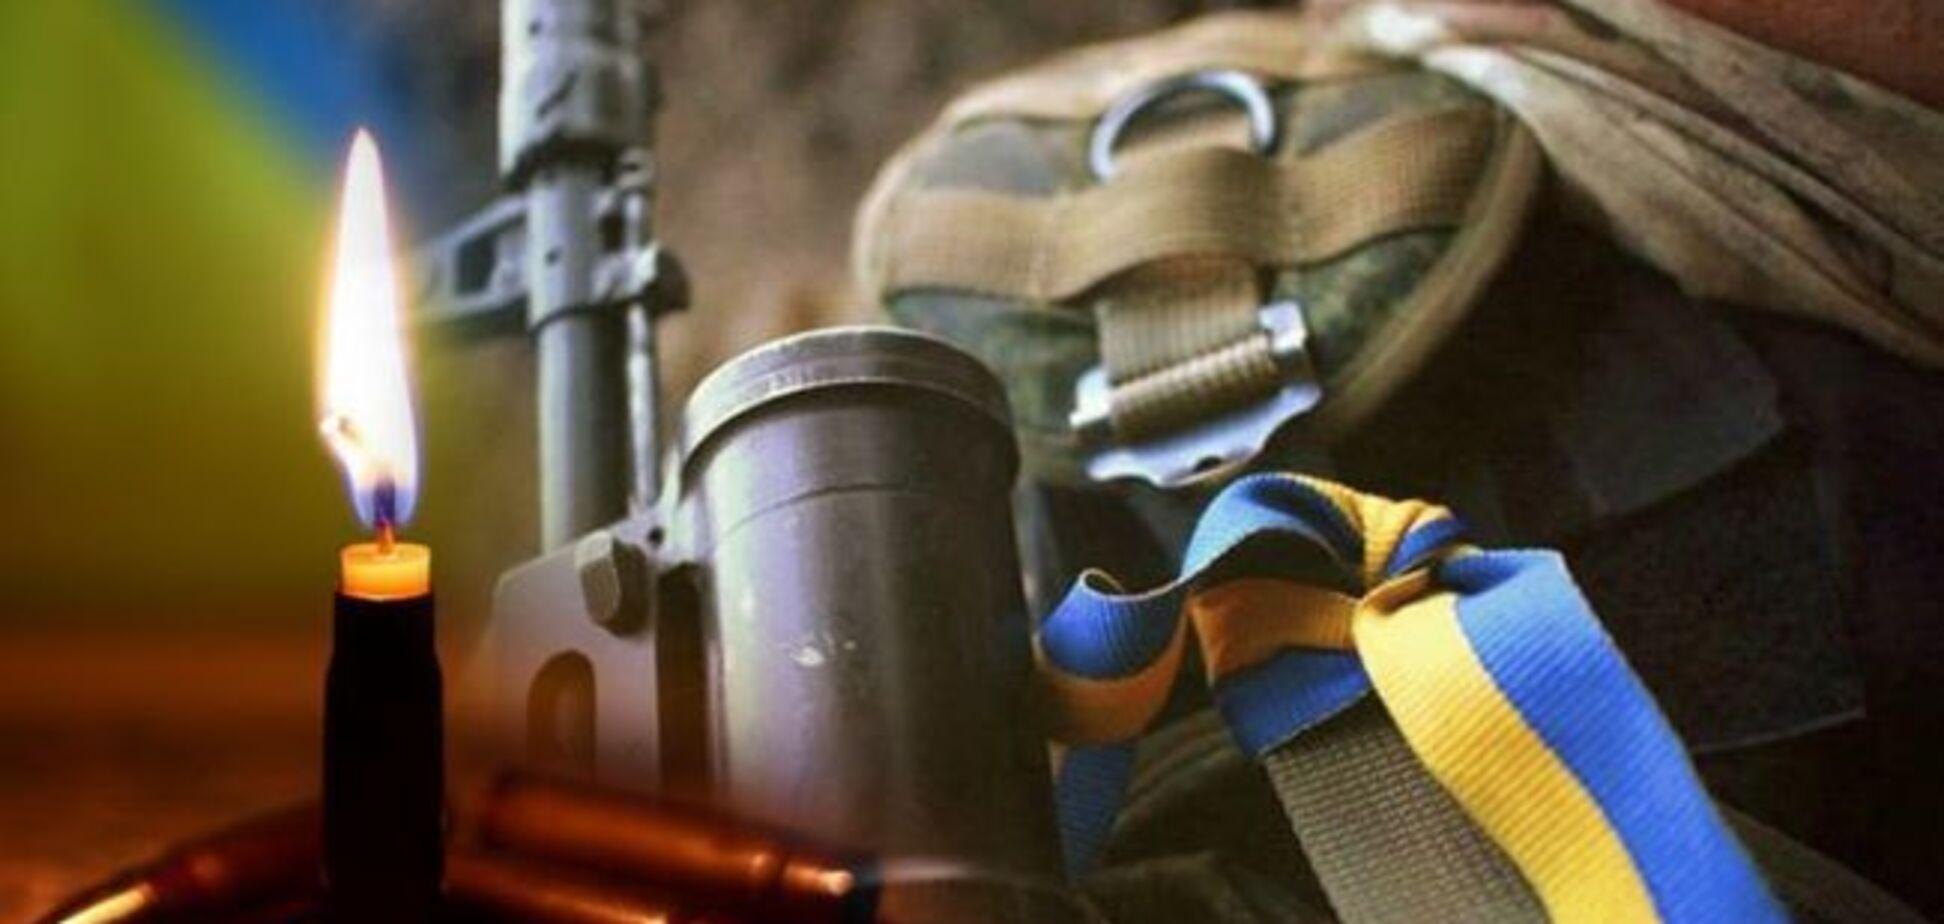 Боровся за свободу: у мережі показали вбитого воїна ЗСУ